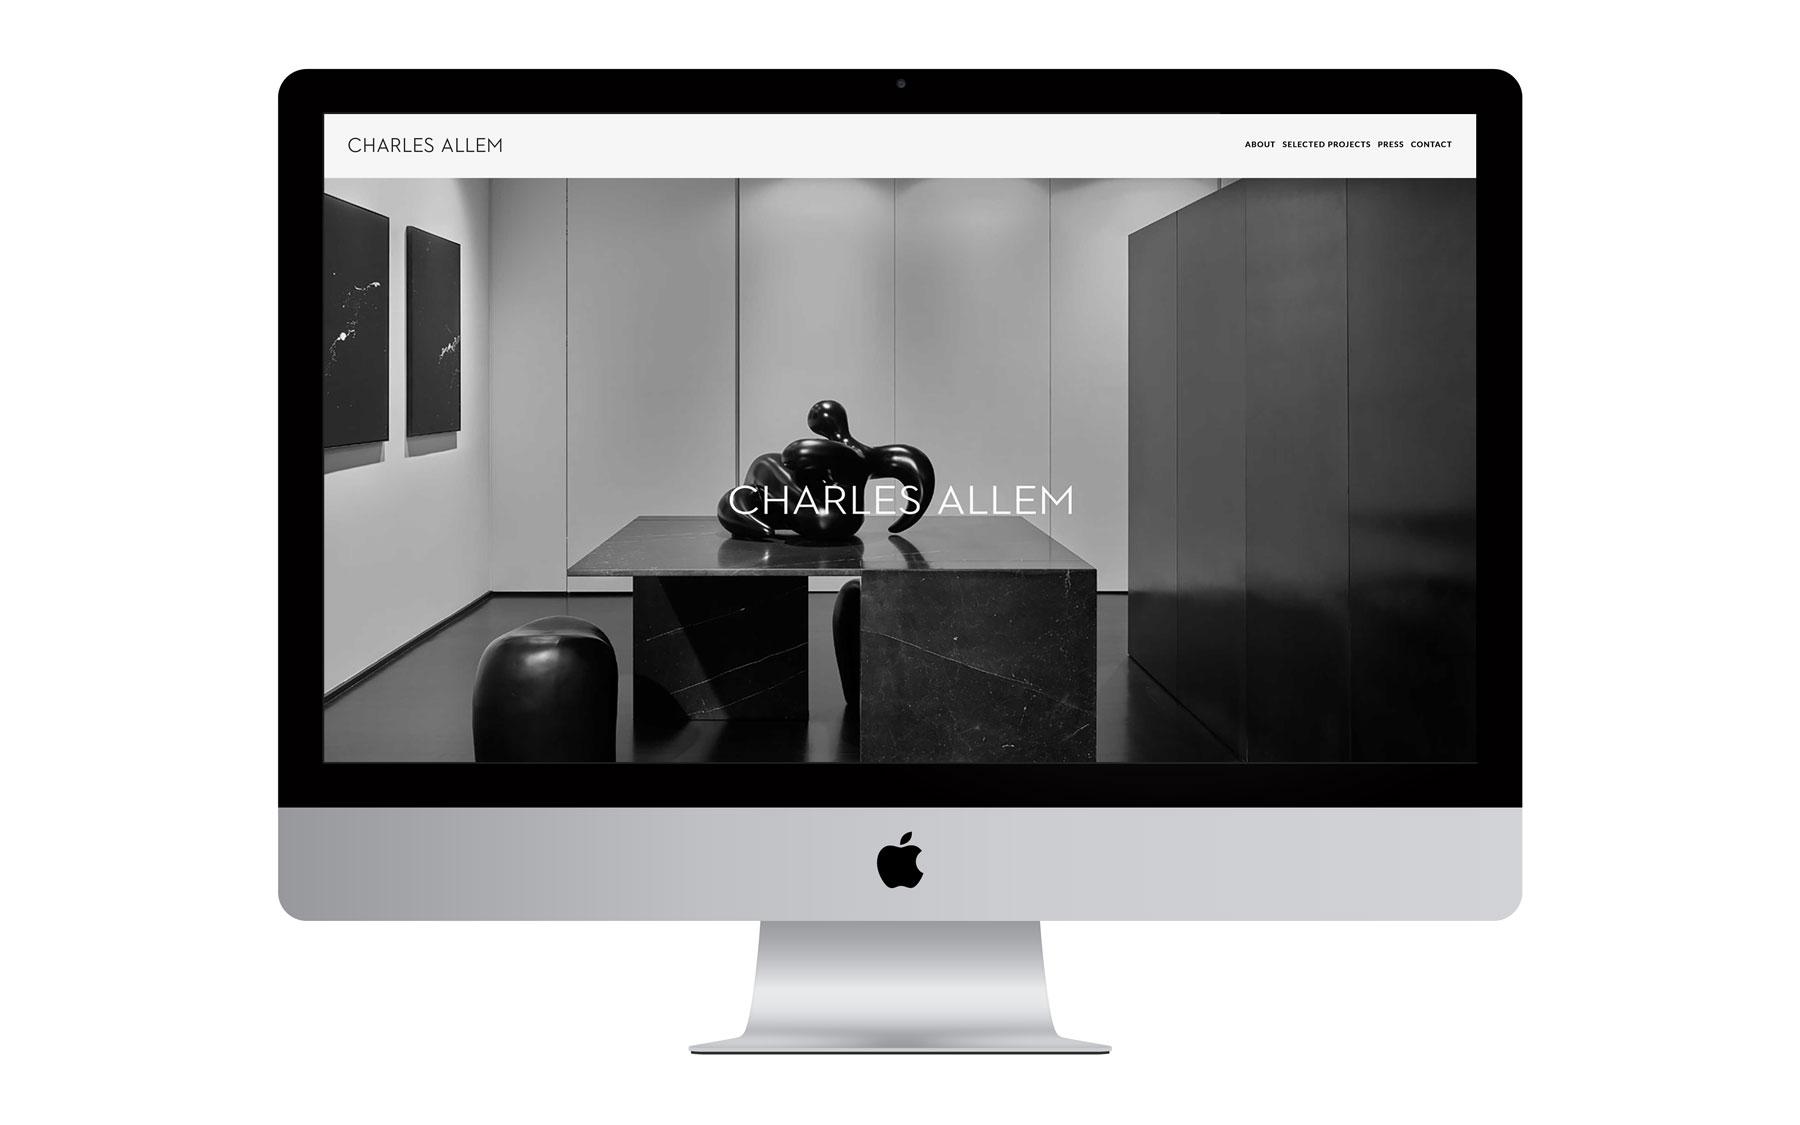 Charles Allem / CAD International Website